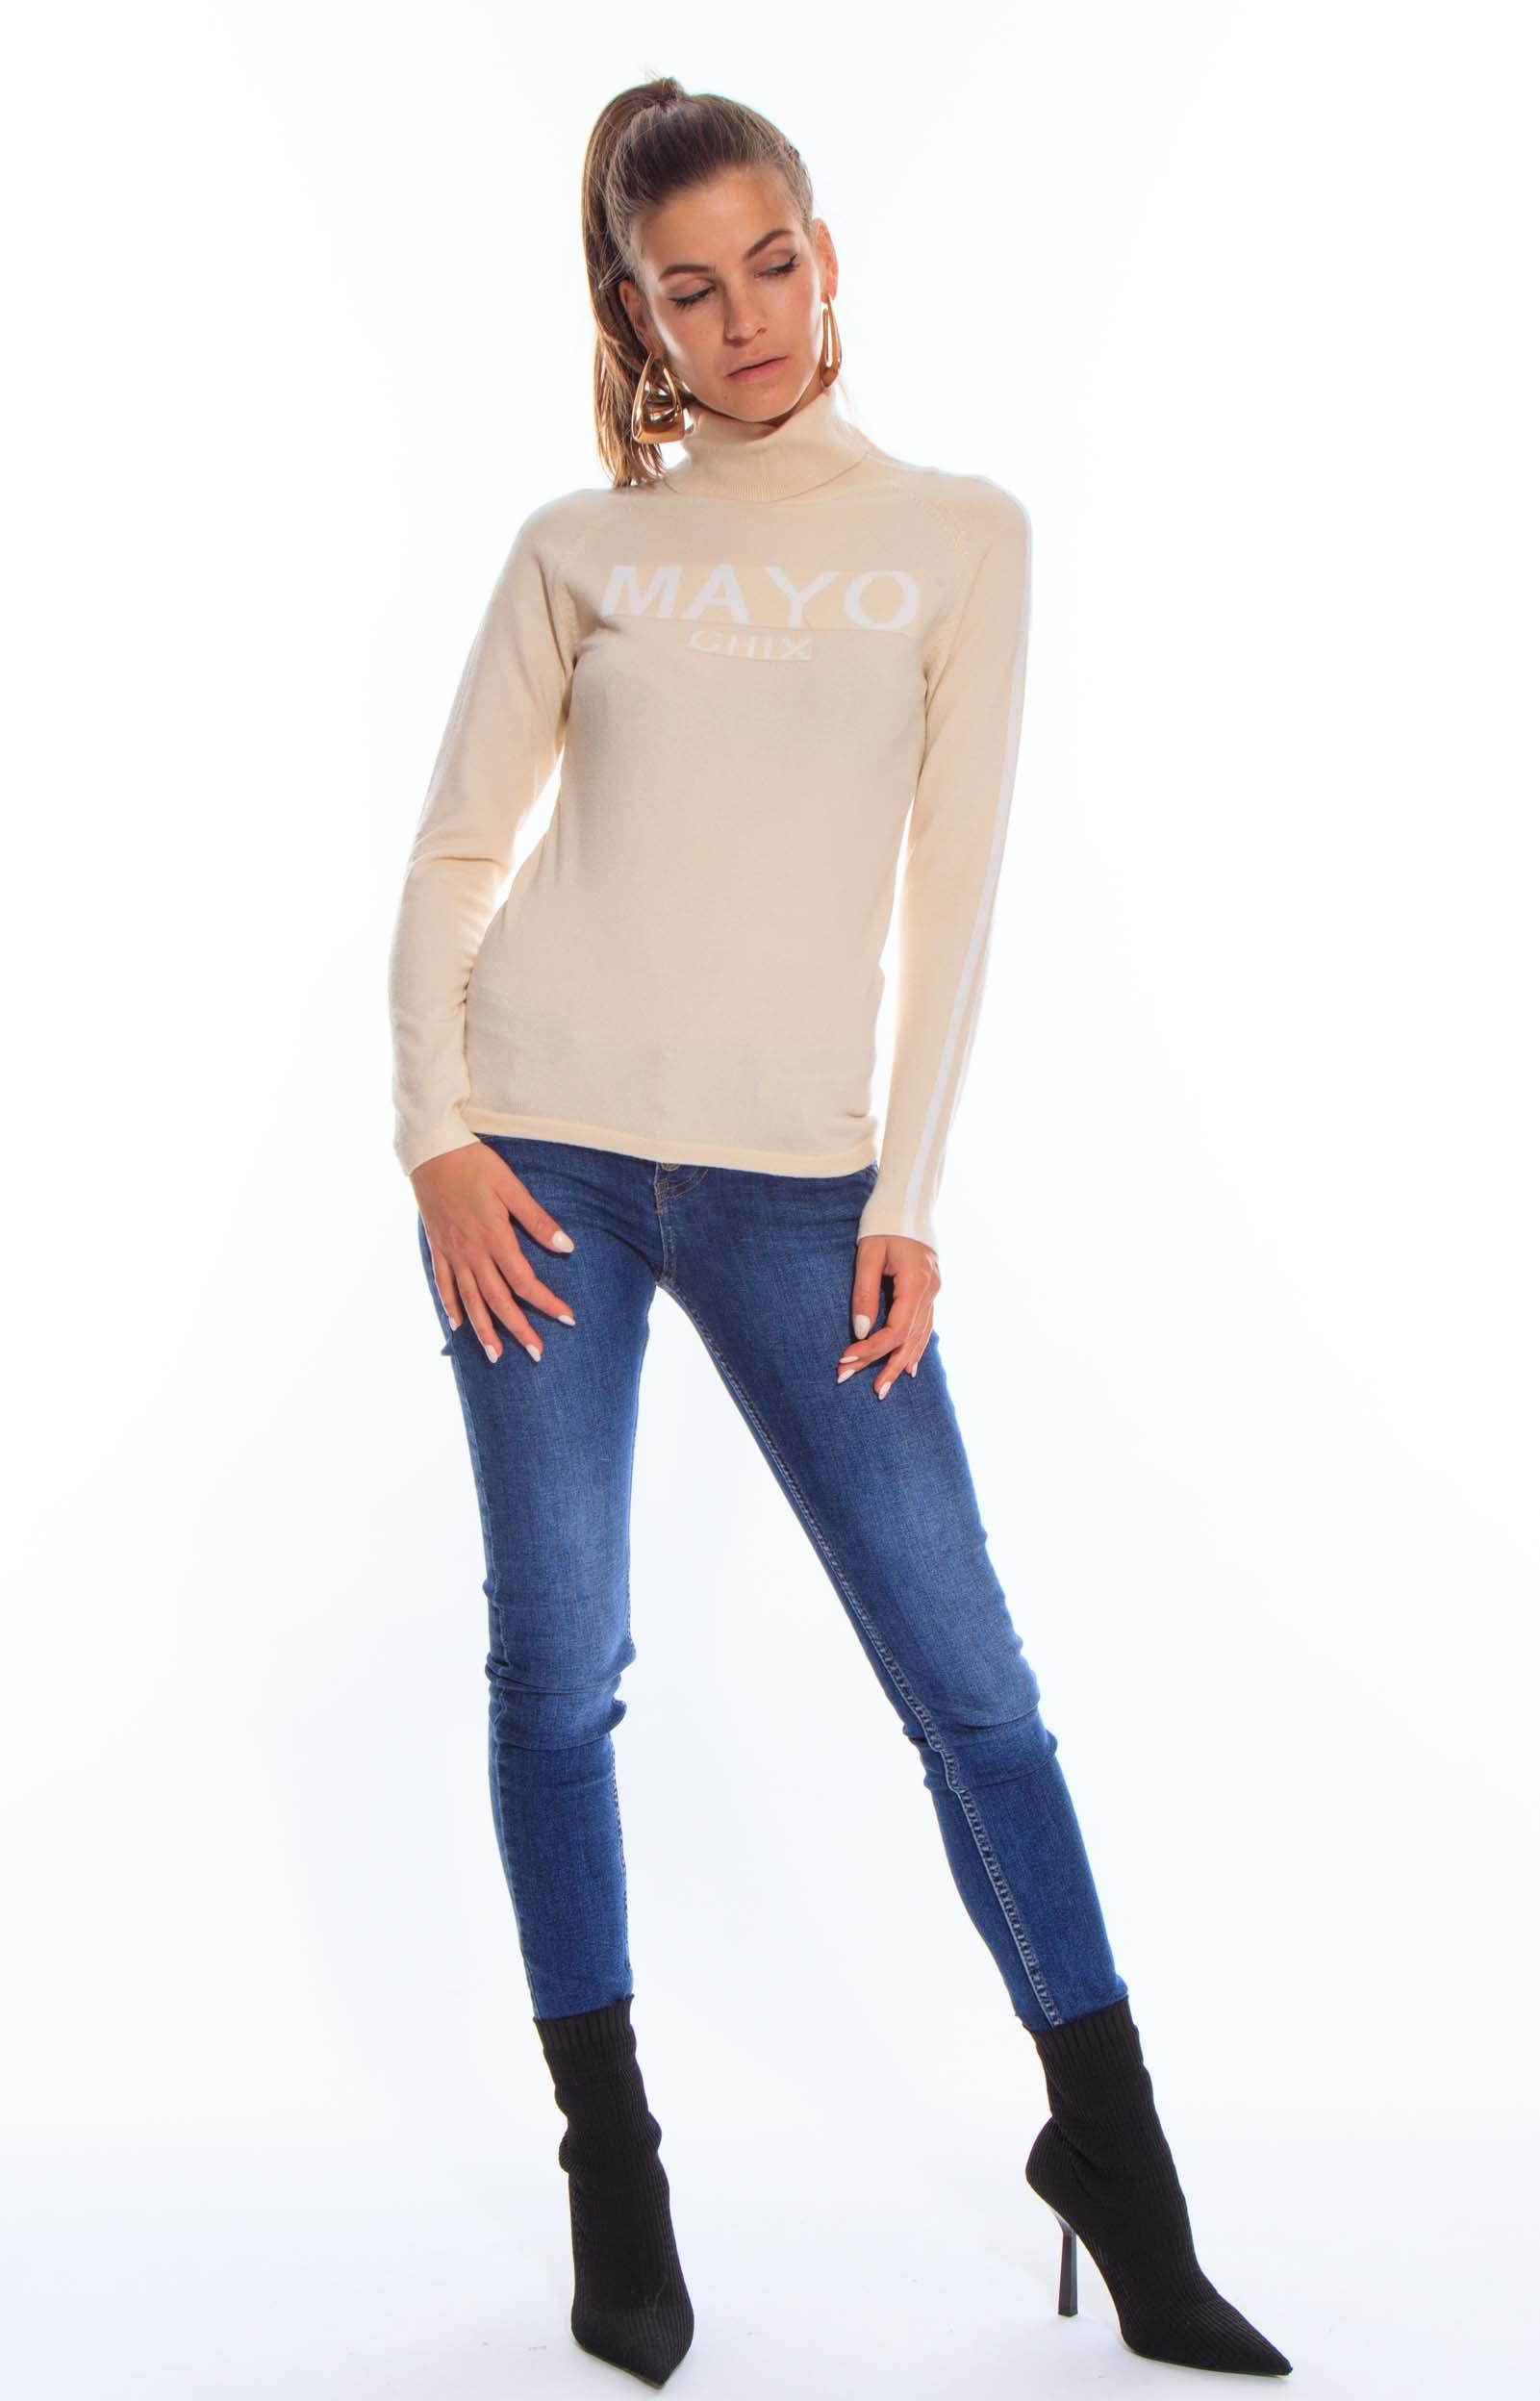 Imma pulóver